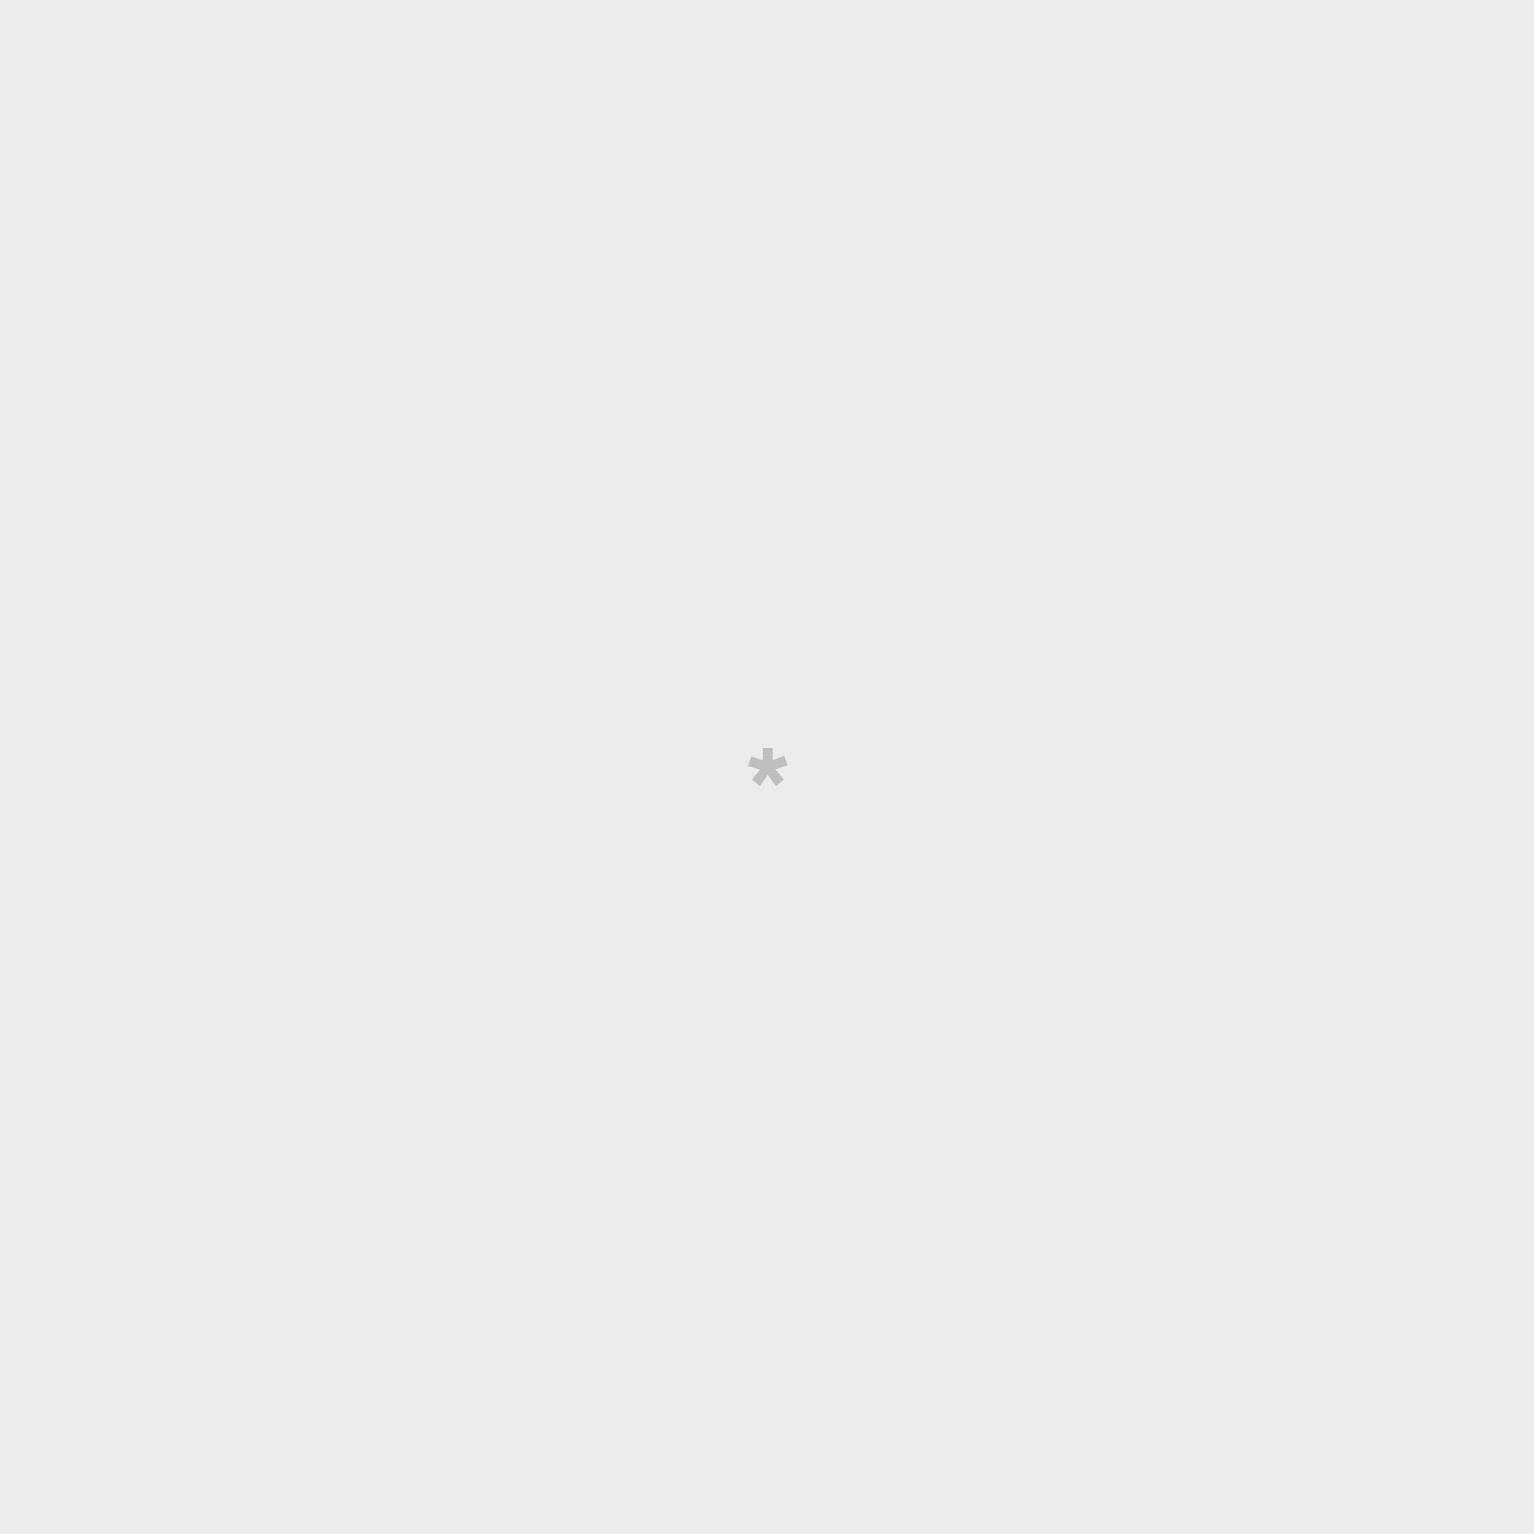 Copas de vino para brindar (y lo que surja)